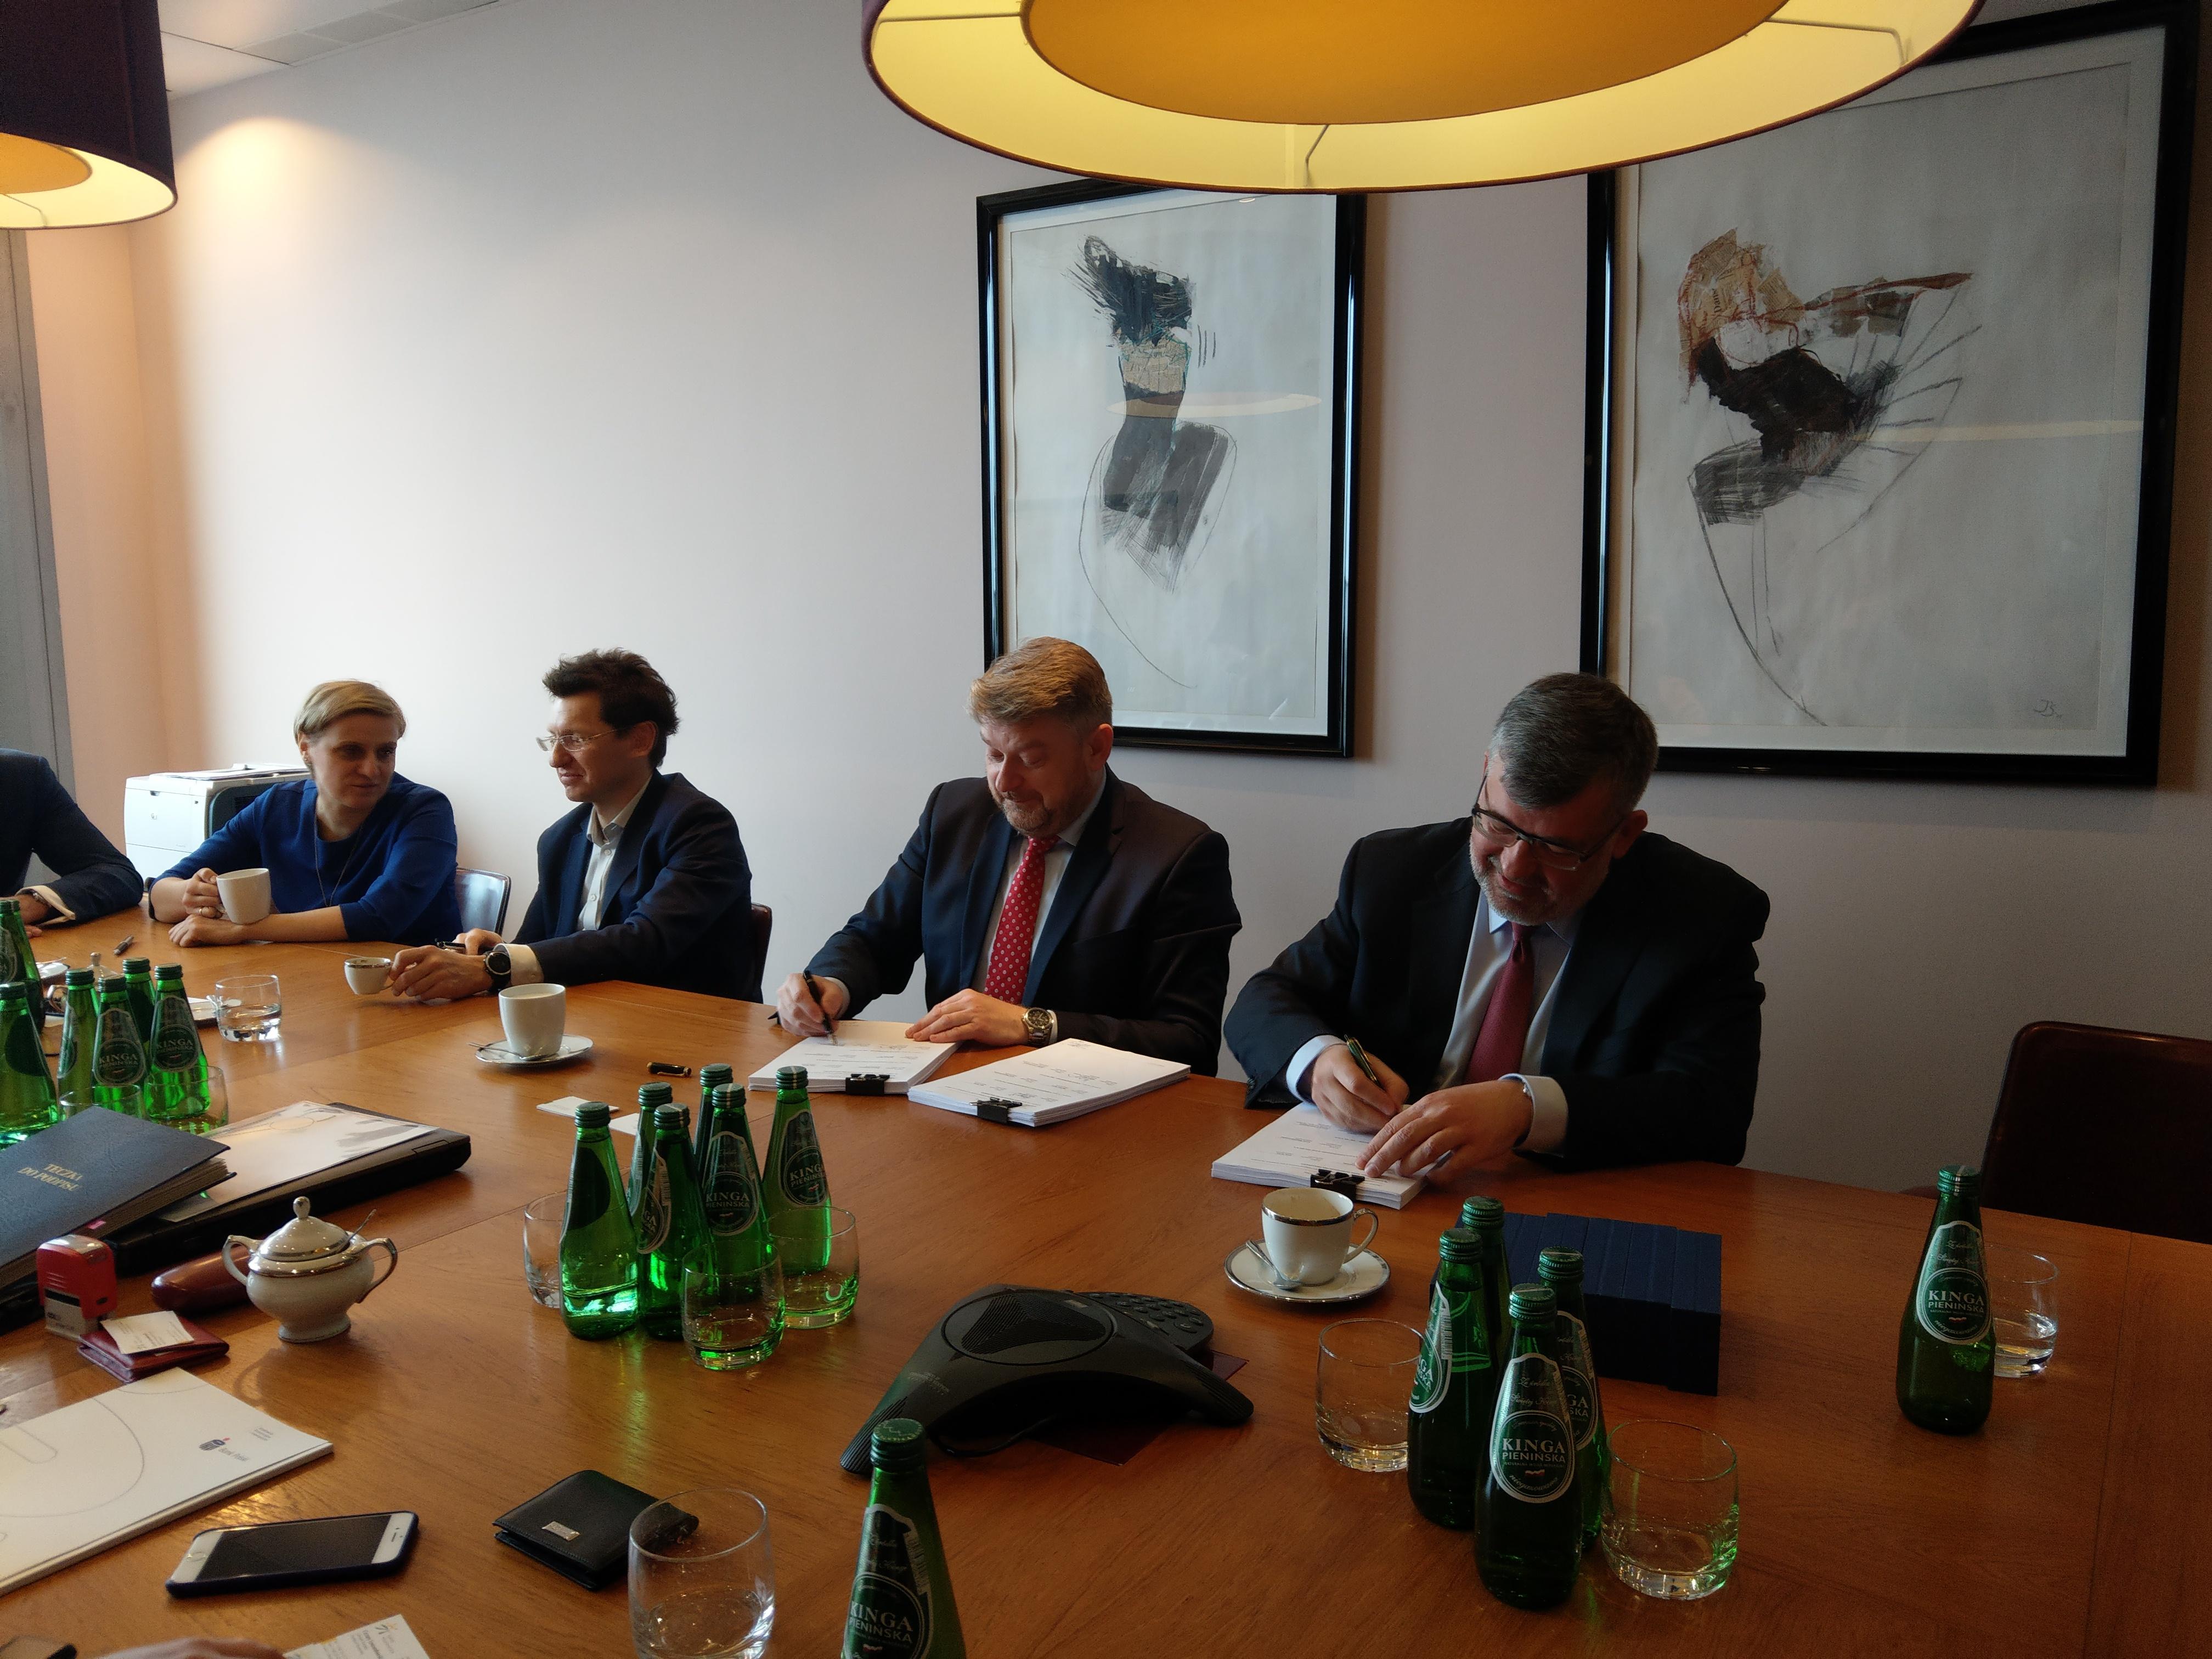 Umowę kredytową samorządowa spółka podpisała w poniedziałek (26.03) (fot.mazowieckie.com.pl)